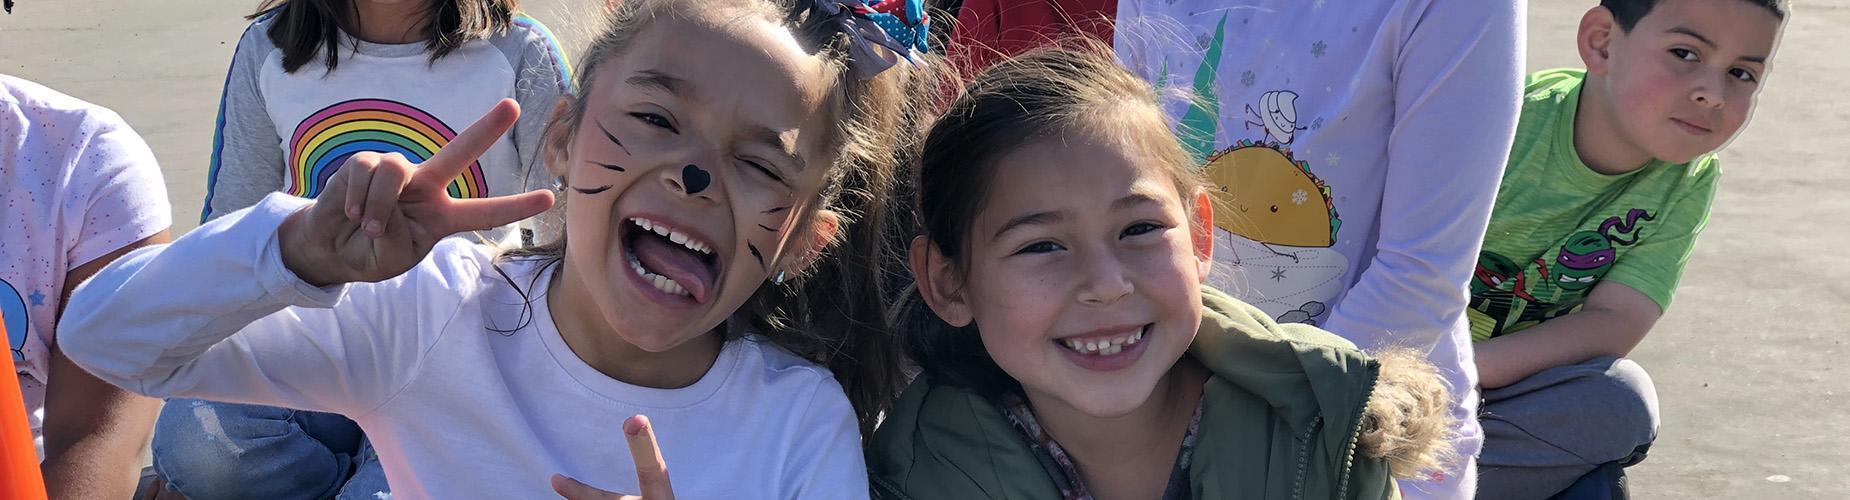 Children smiling outside